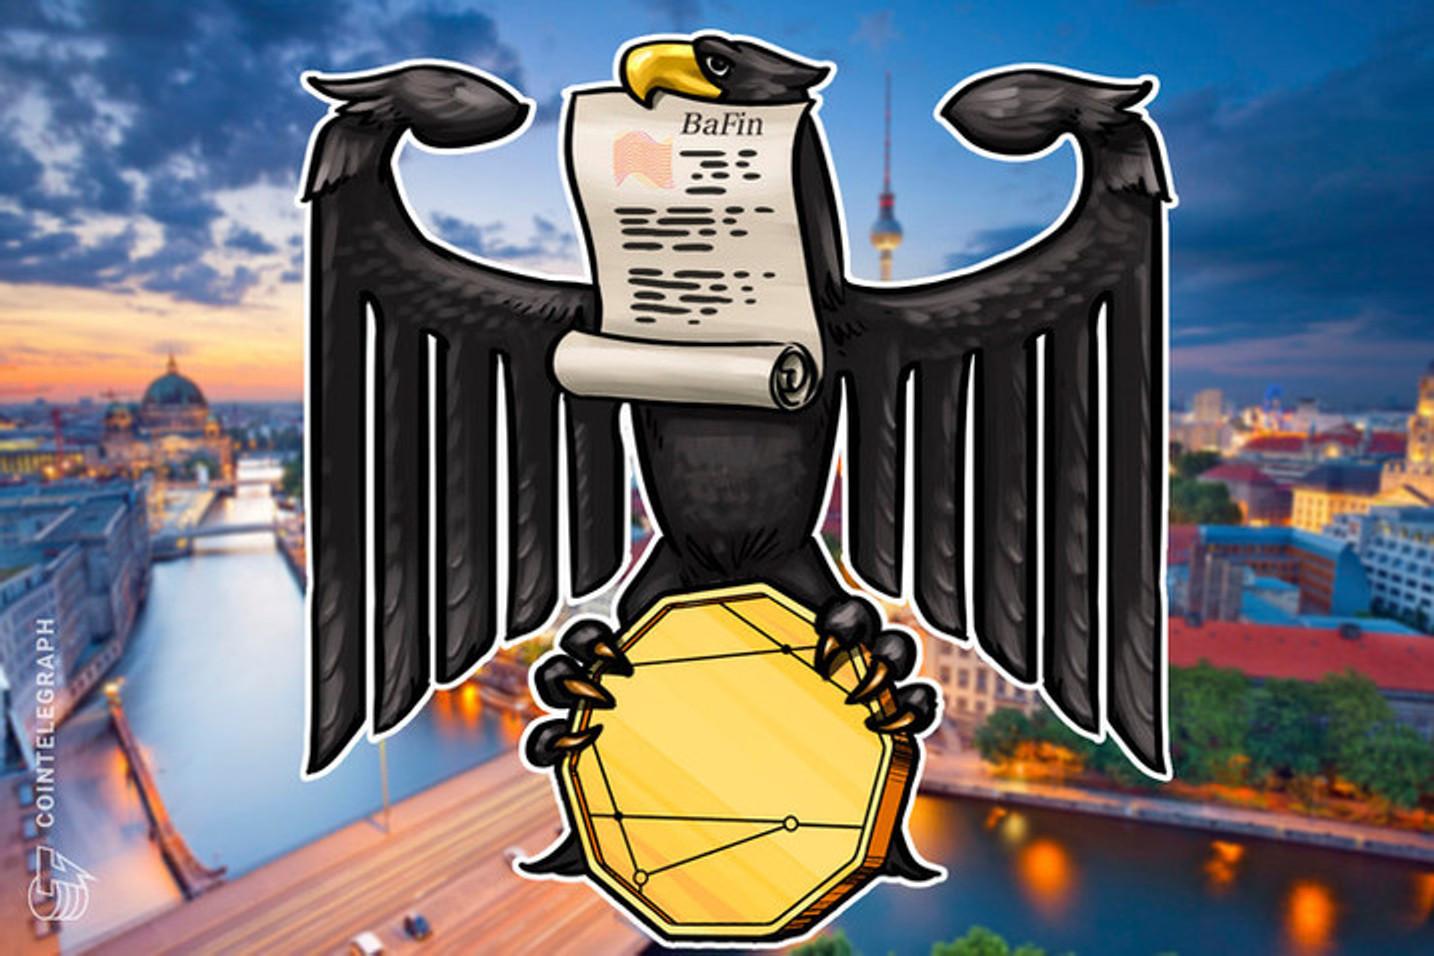 BaFin: Erlaubnisverfahren für etablierte Kryptoverwahrer dauern an